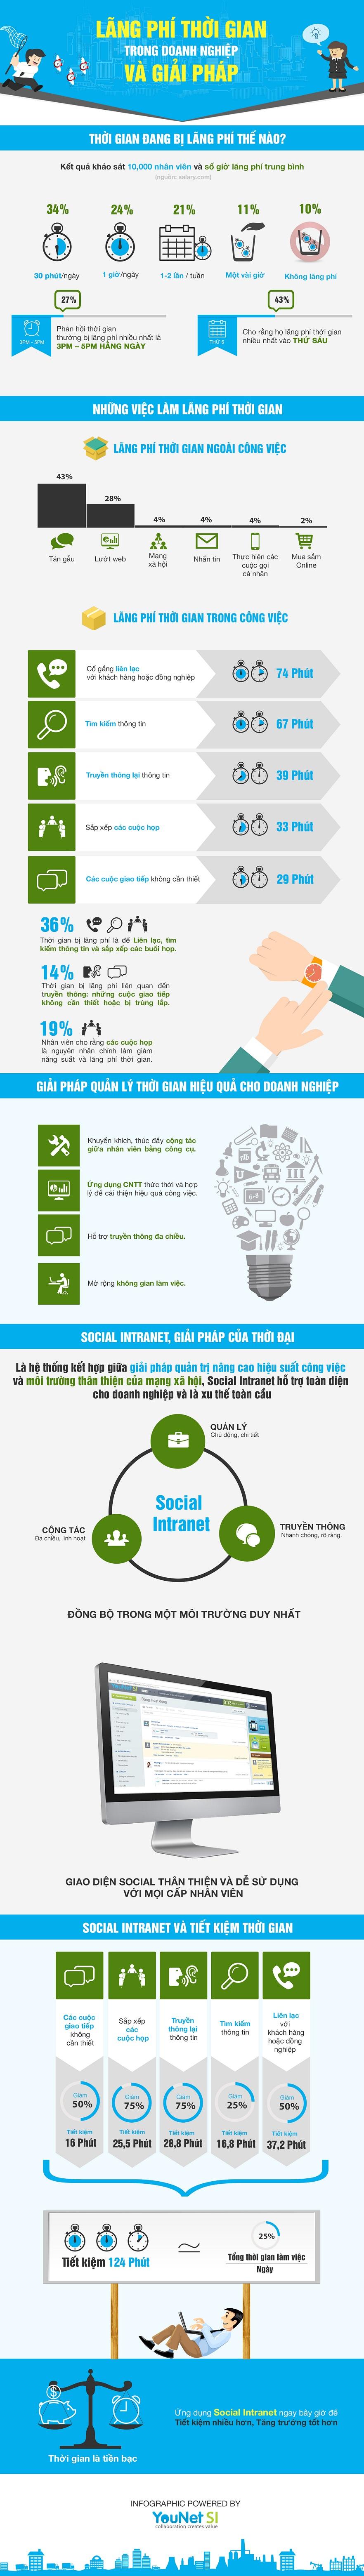 Infographic - Lãnh Phí Thời Gian Trong Công Sở